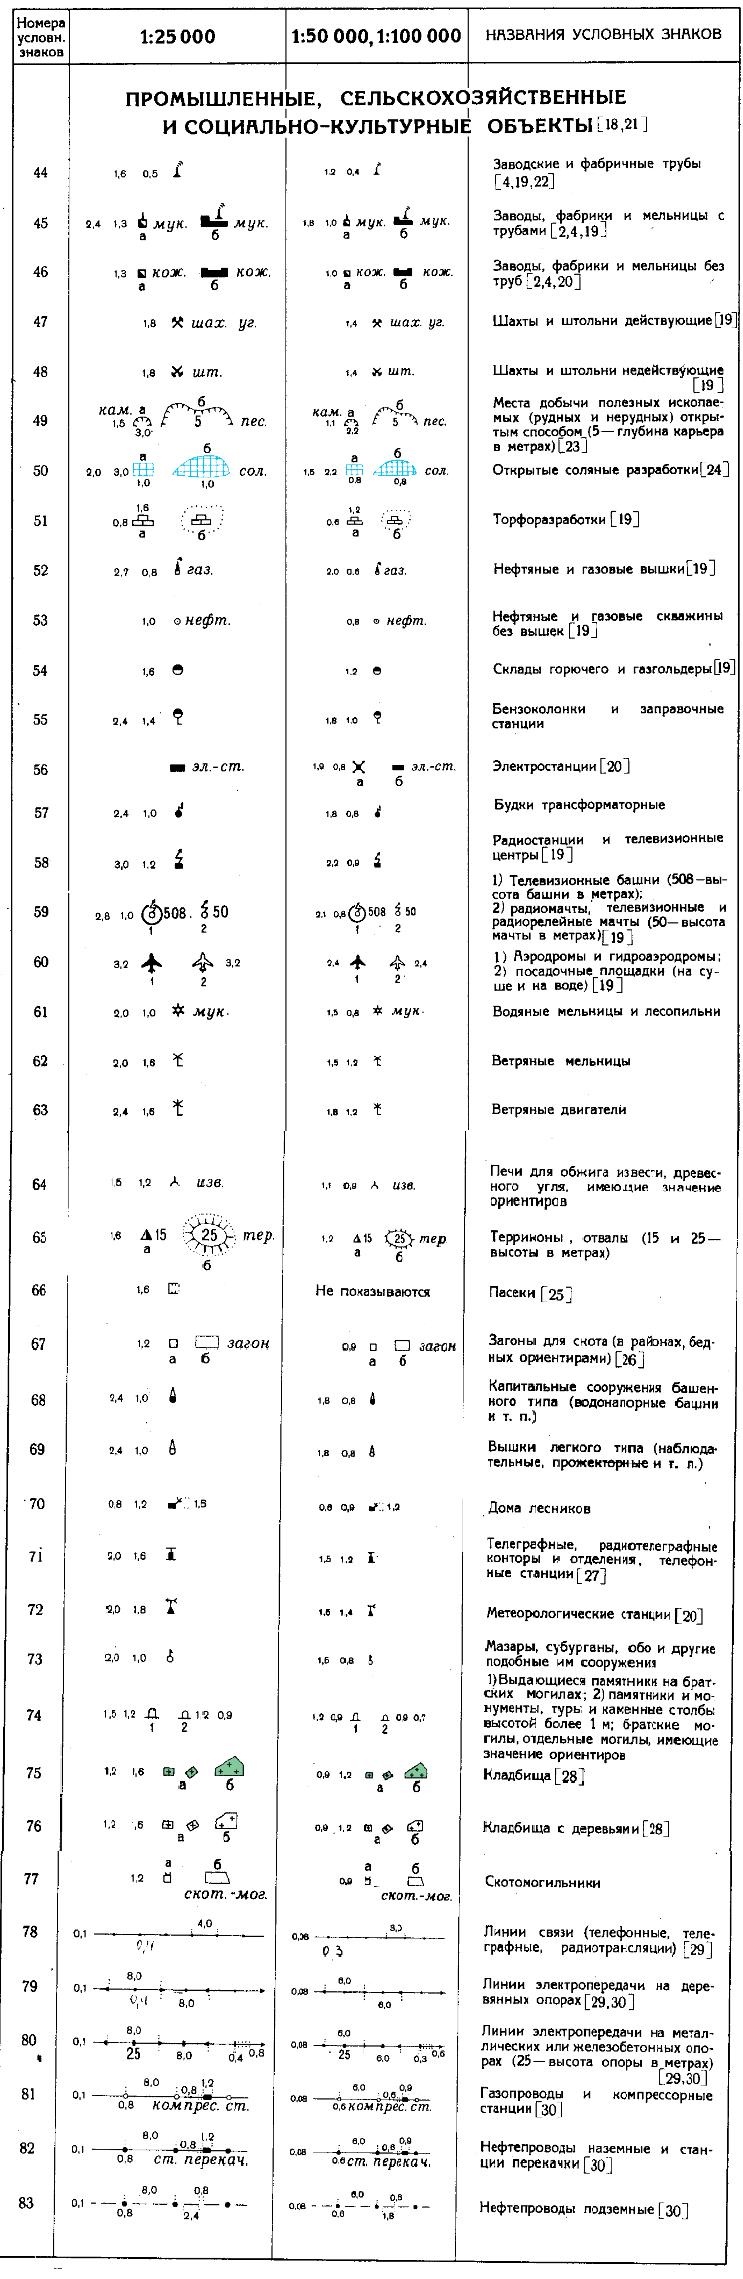 На данной таблице буквами обозначены: а - условные знаки объектов, изображение которых не выражается в масштабе карты; б - условные знаки объектов, изображение которых выражается в масштабе карты